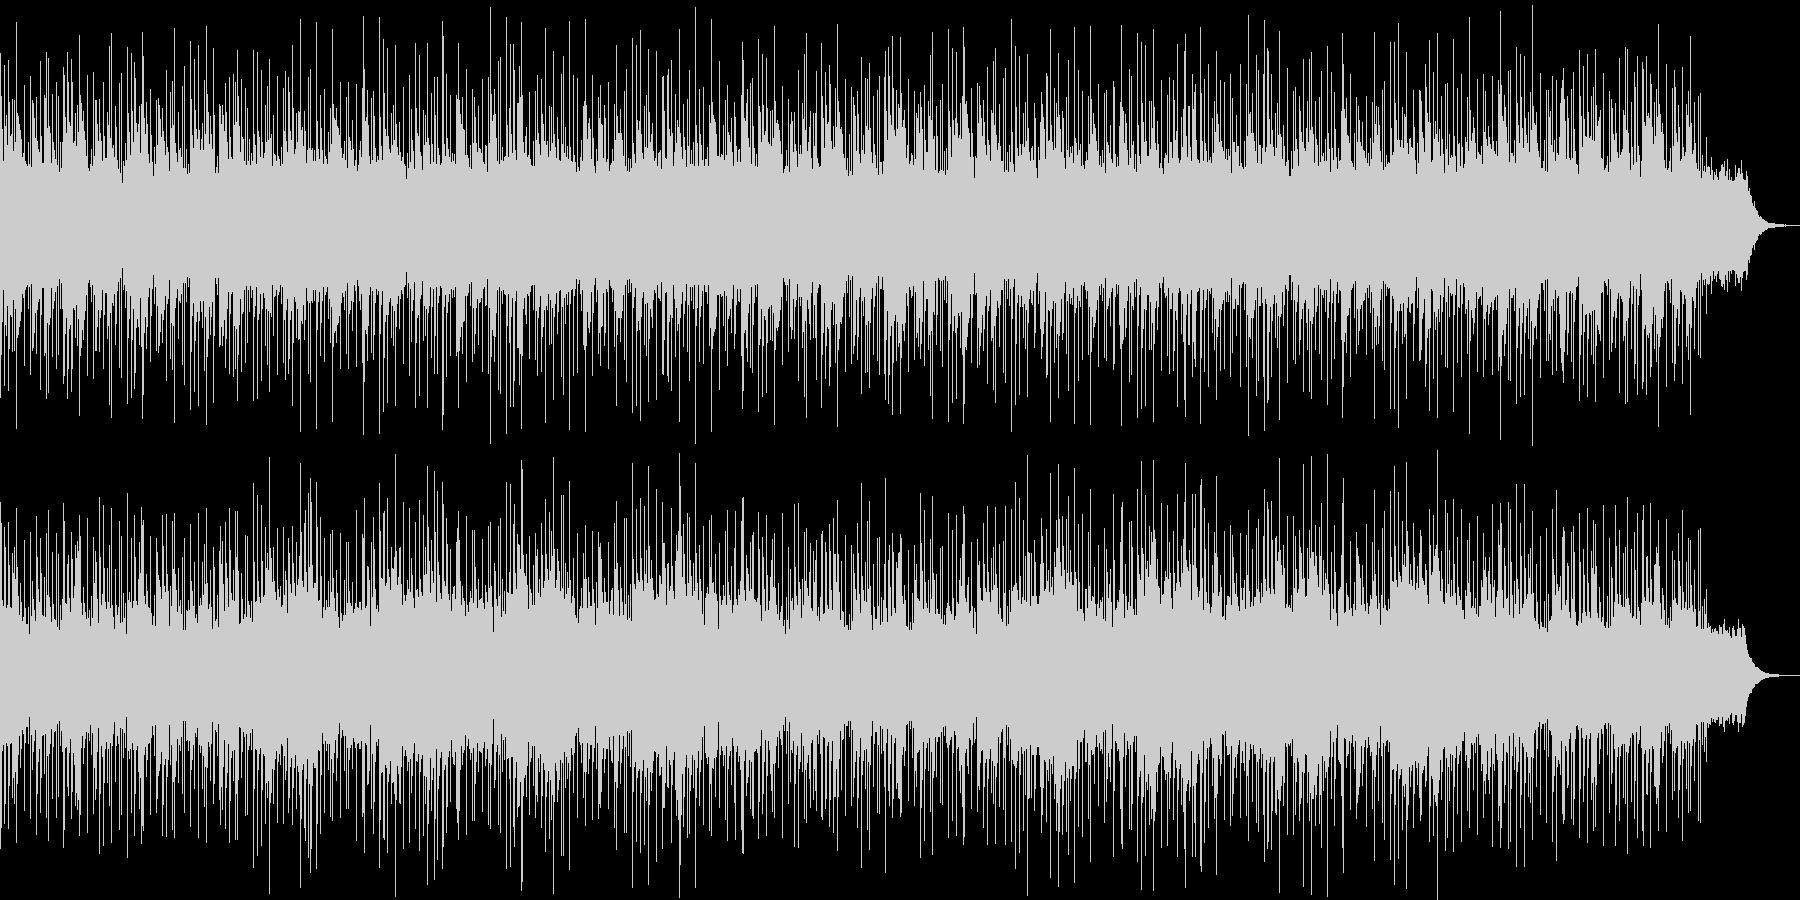 キレイな響きのリラクゼーション曲の未再生の波形